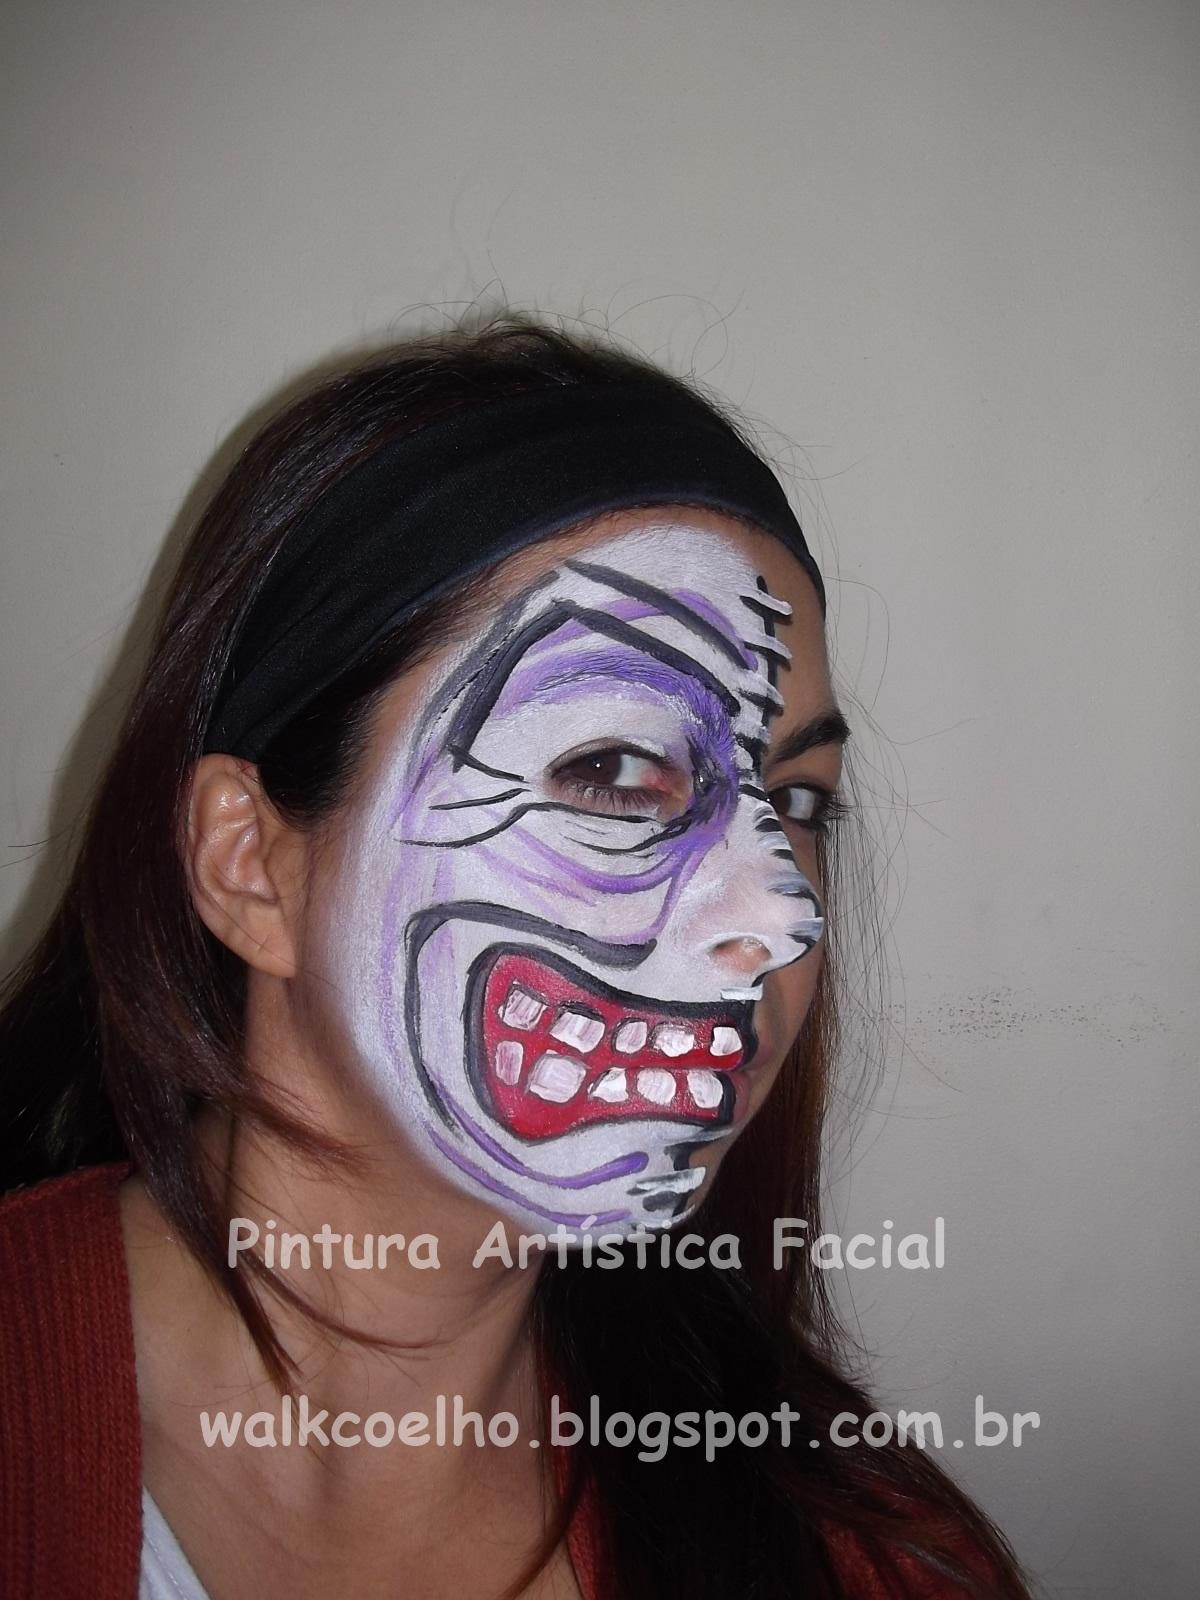 Pinturas de halloween pintura art stica facial wal coelho - Pinturas para halloween ...